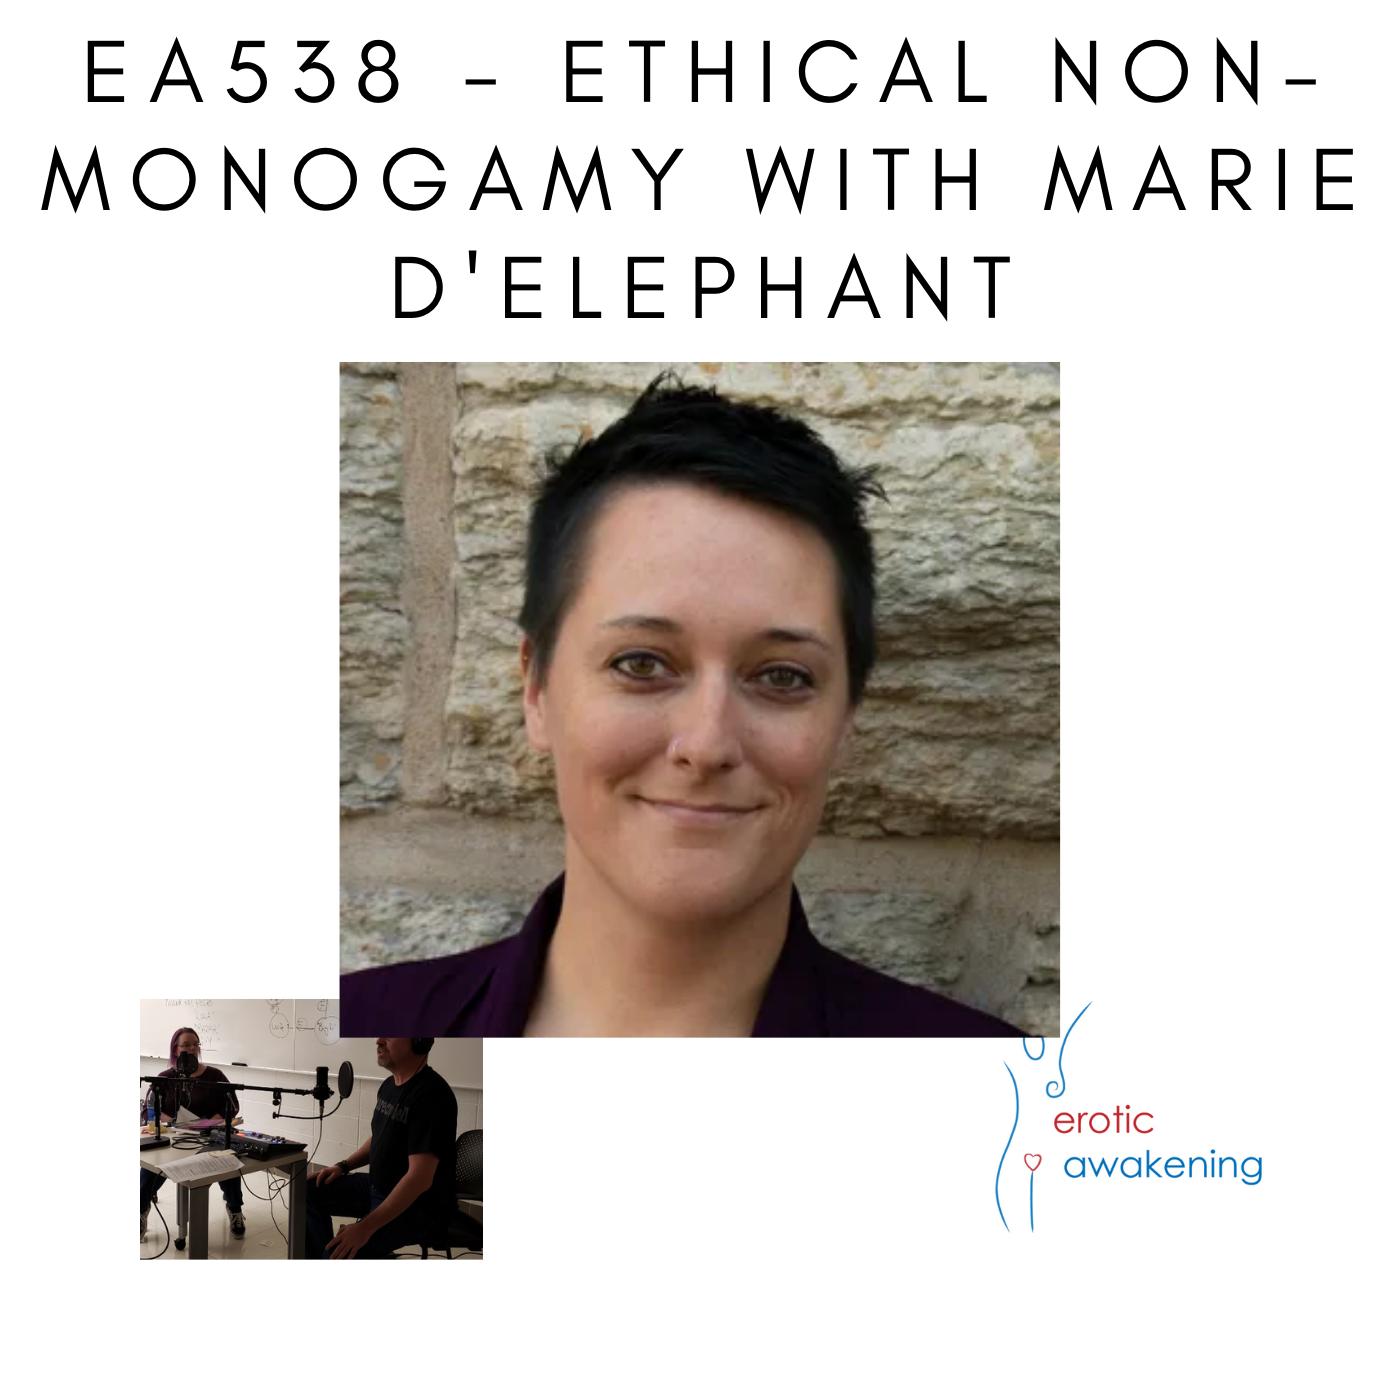 Erotic Awakening Podcast - EA538 - Ethical Non-Monogamy with Marie D'Elephant